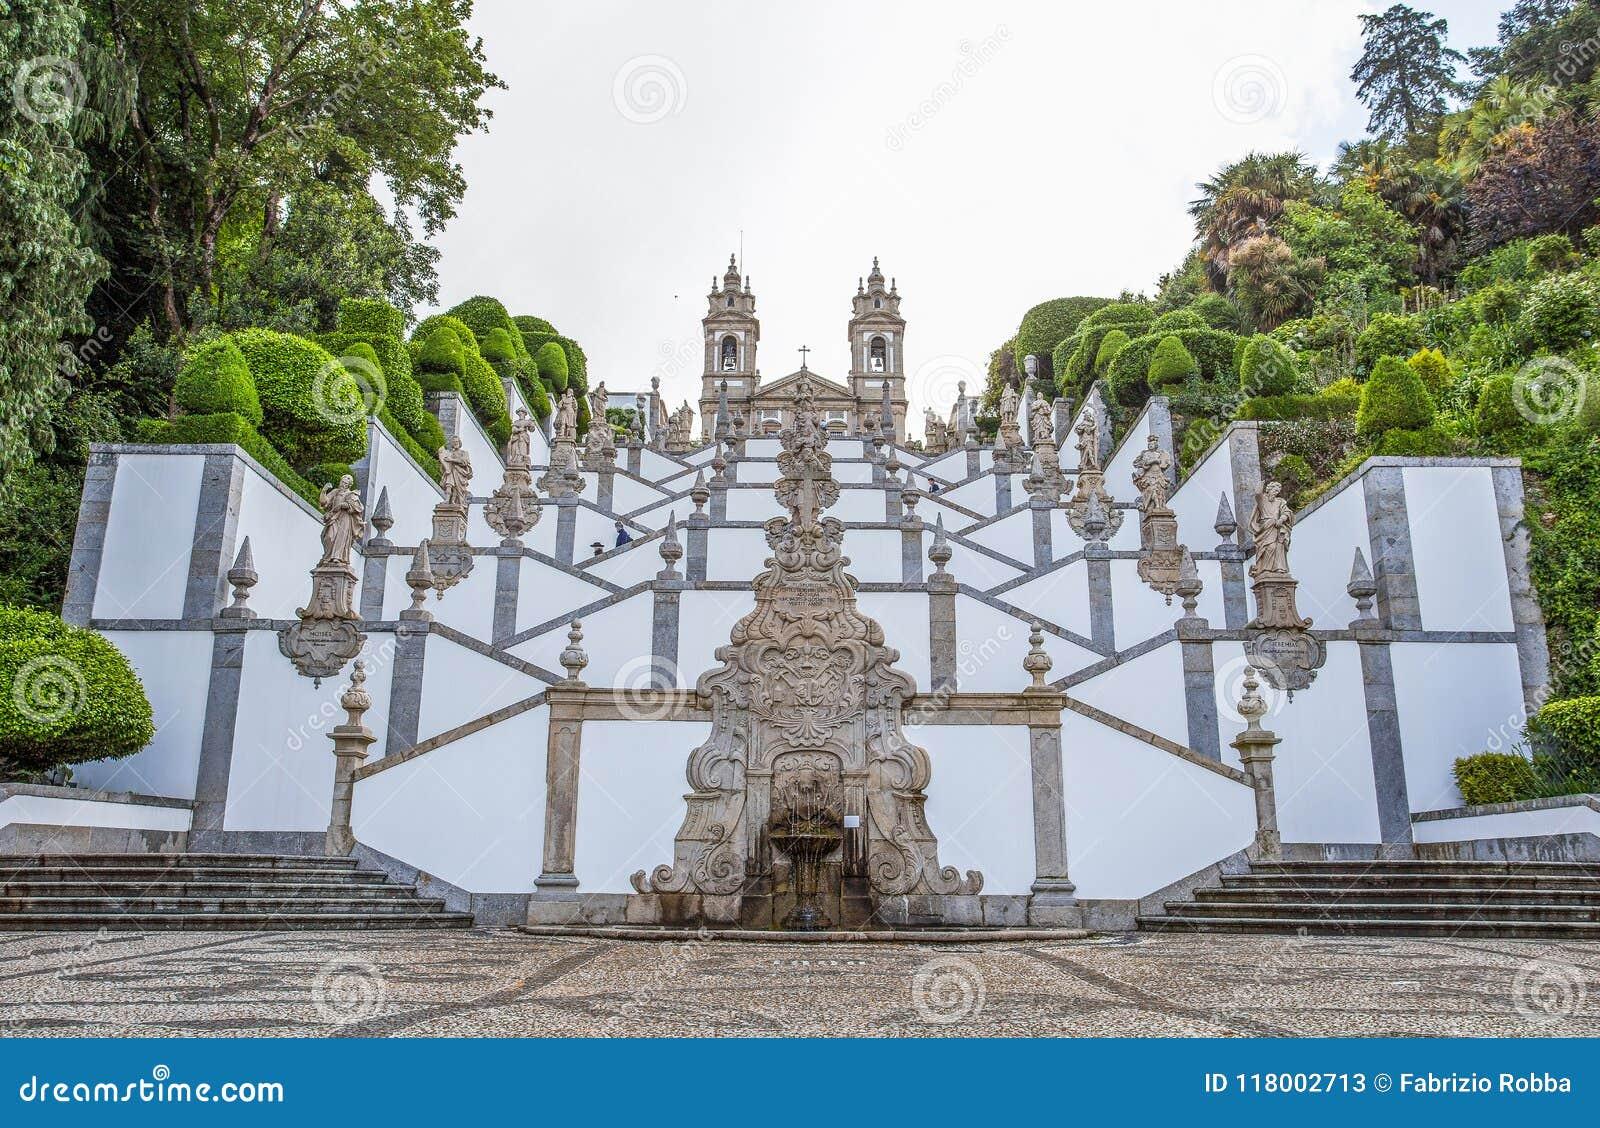 La basilique néoclassique de Bom Jésus font la religion faithfuls/Braga Portugal de Monte/église